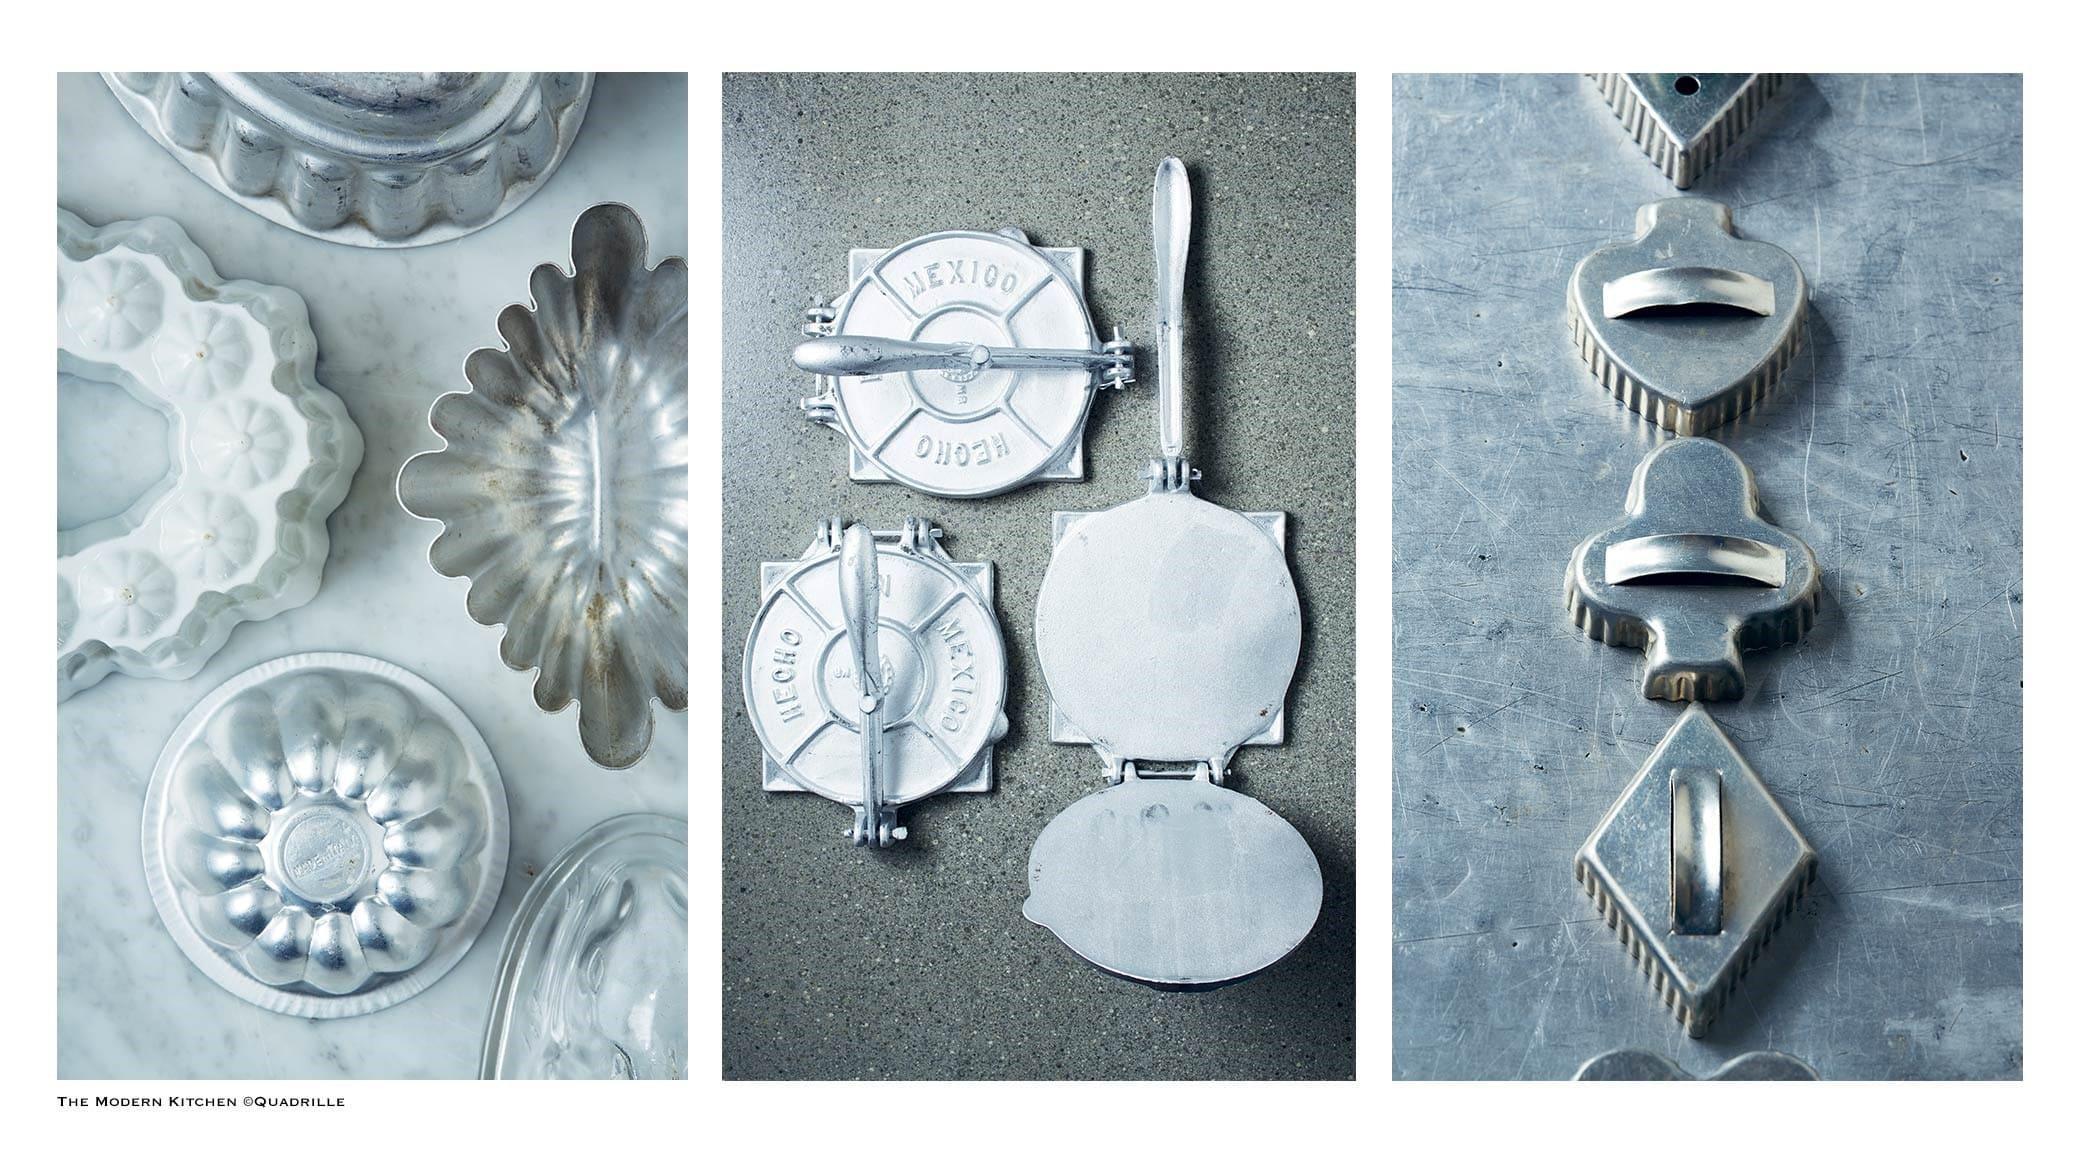 original_04-Jelly-Molds-Tortilla-Press-Bridge-Sandwich-Cutters.jpg